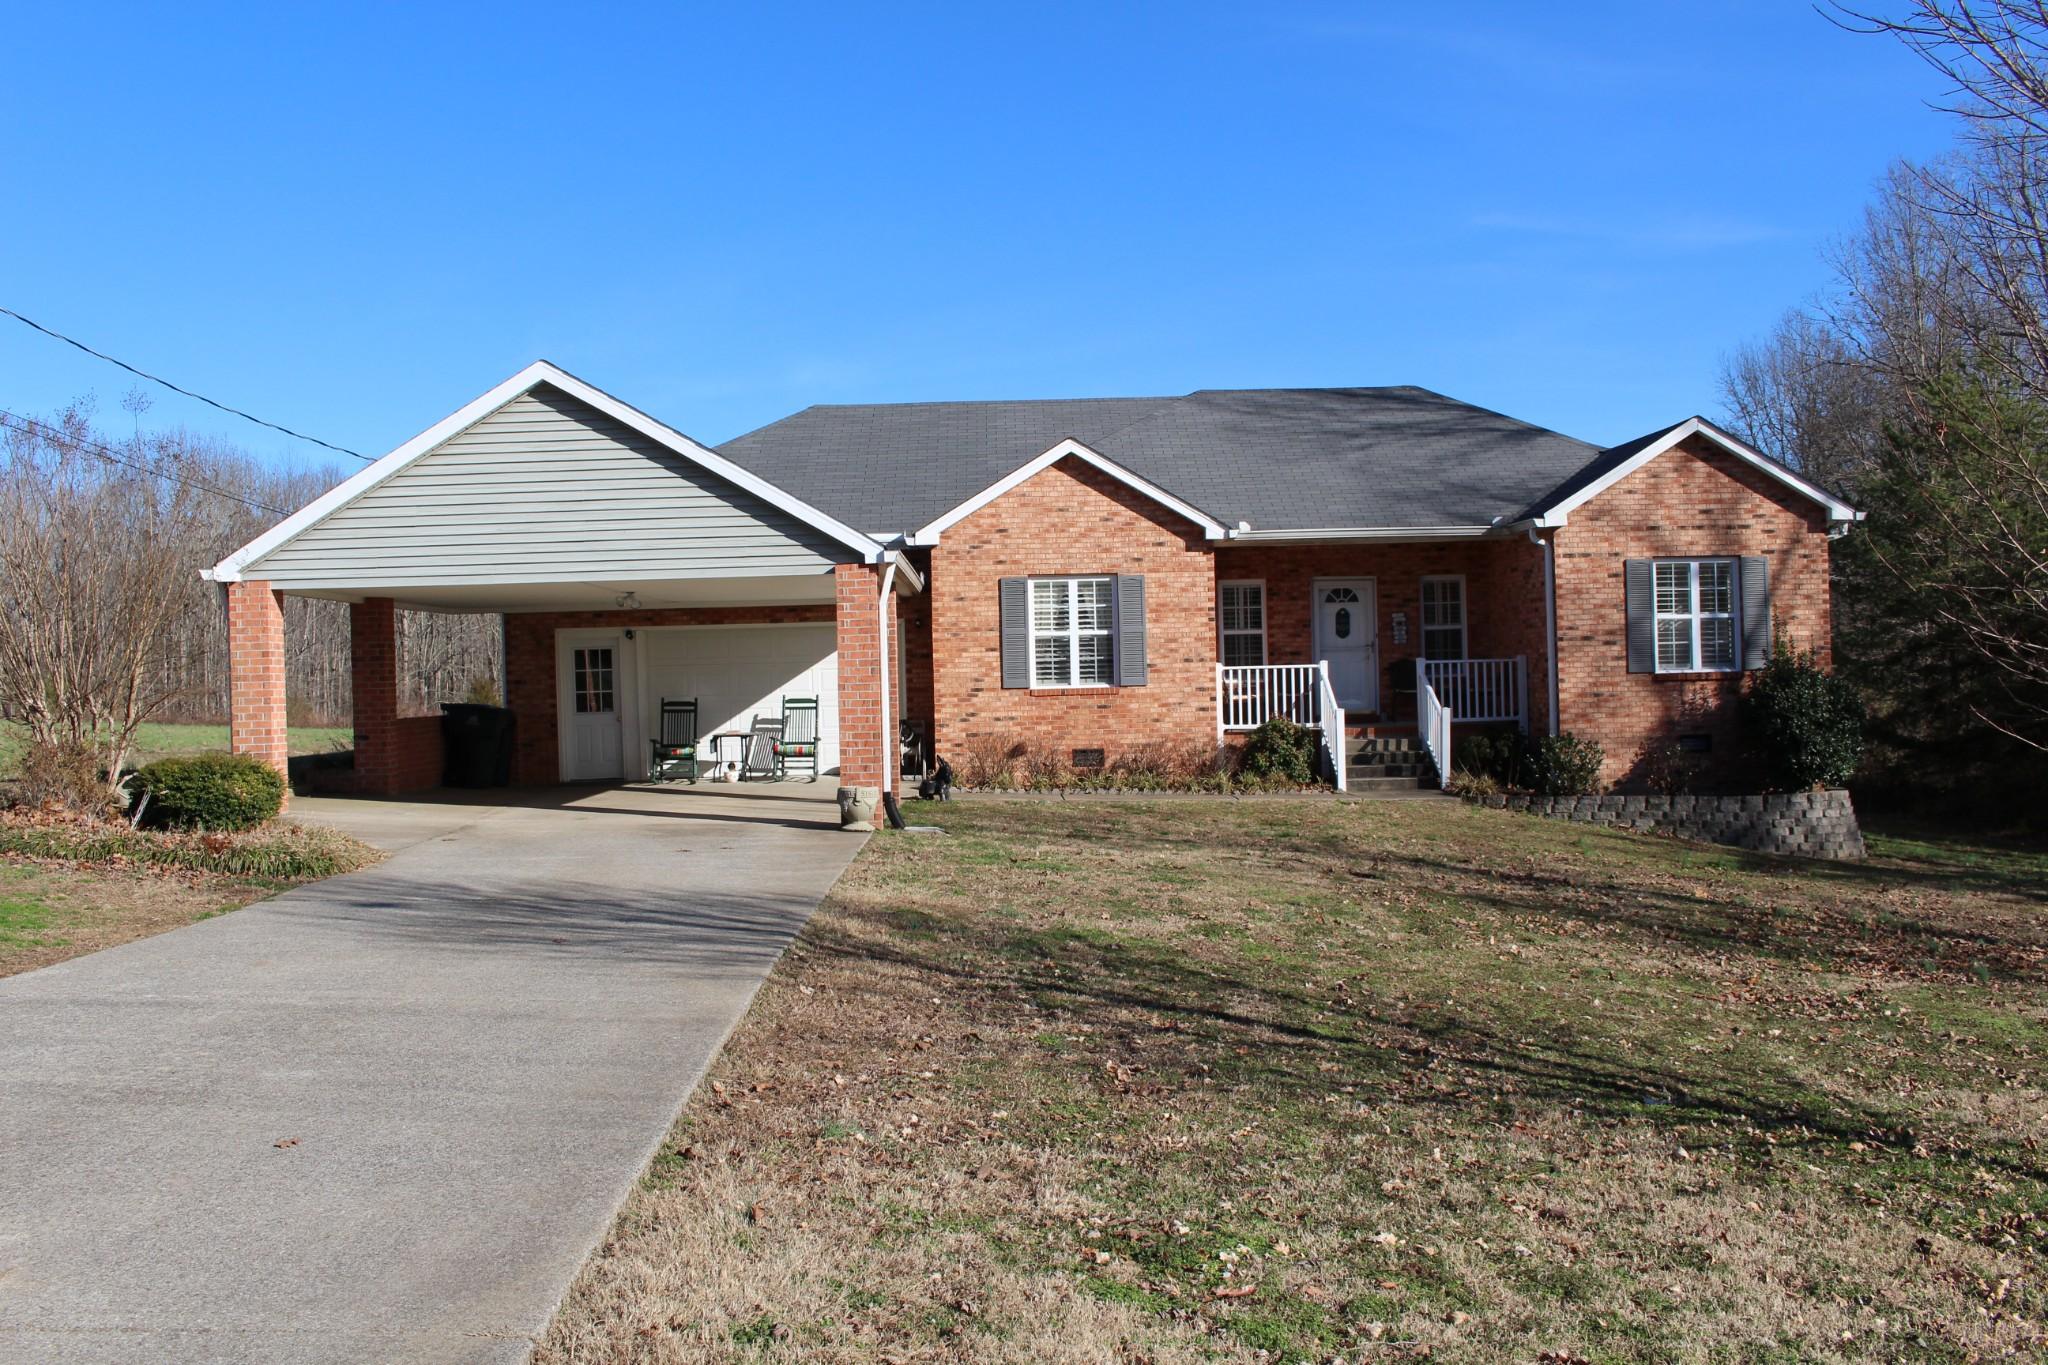 109 William Driver Ln, White Bluff, TN 37187 - White Bluff, TN real estate listing